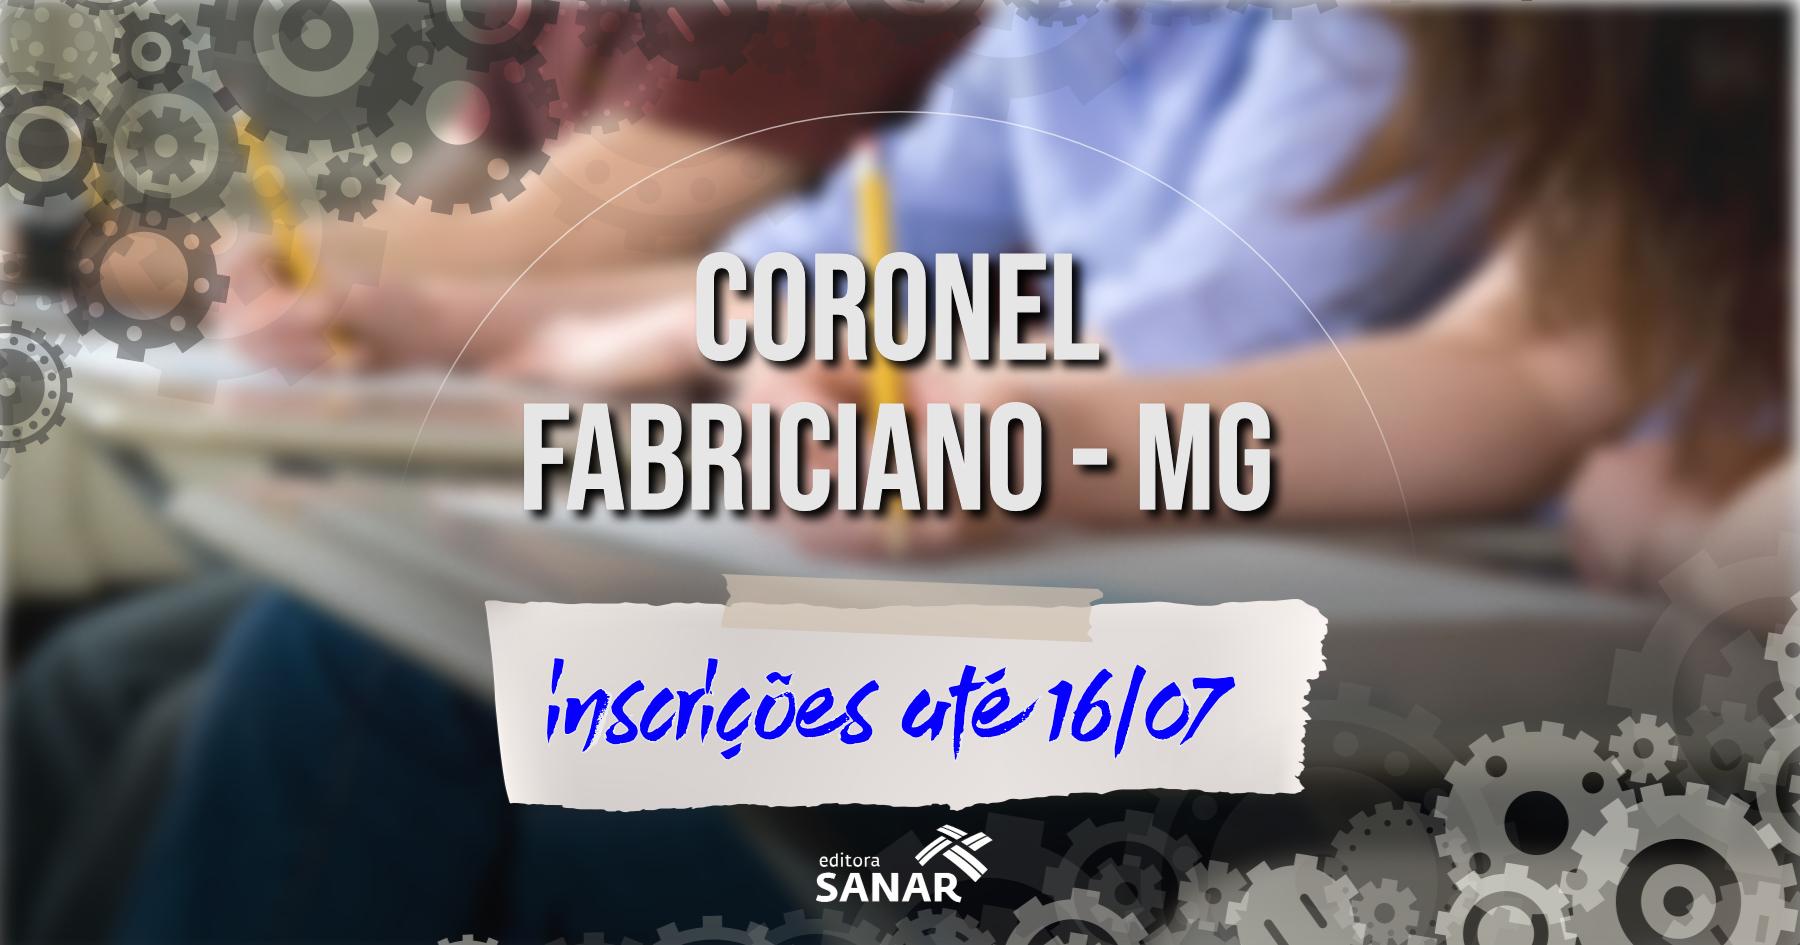 Seleção | Coronel Fabriciano oferece 38 vagas